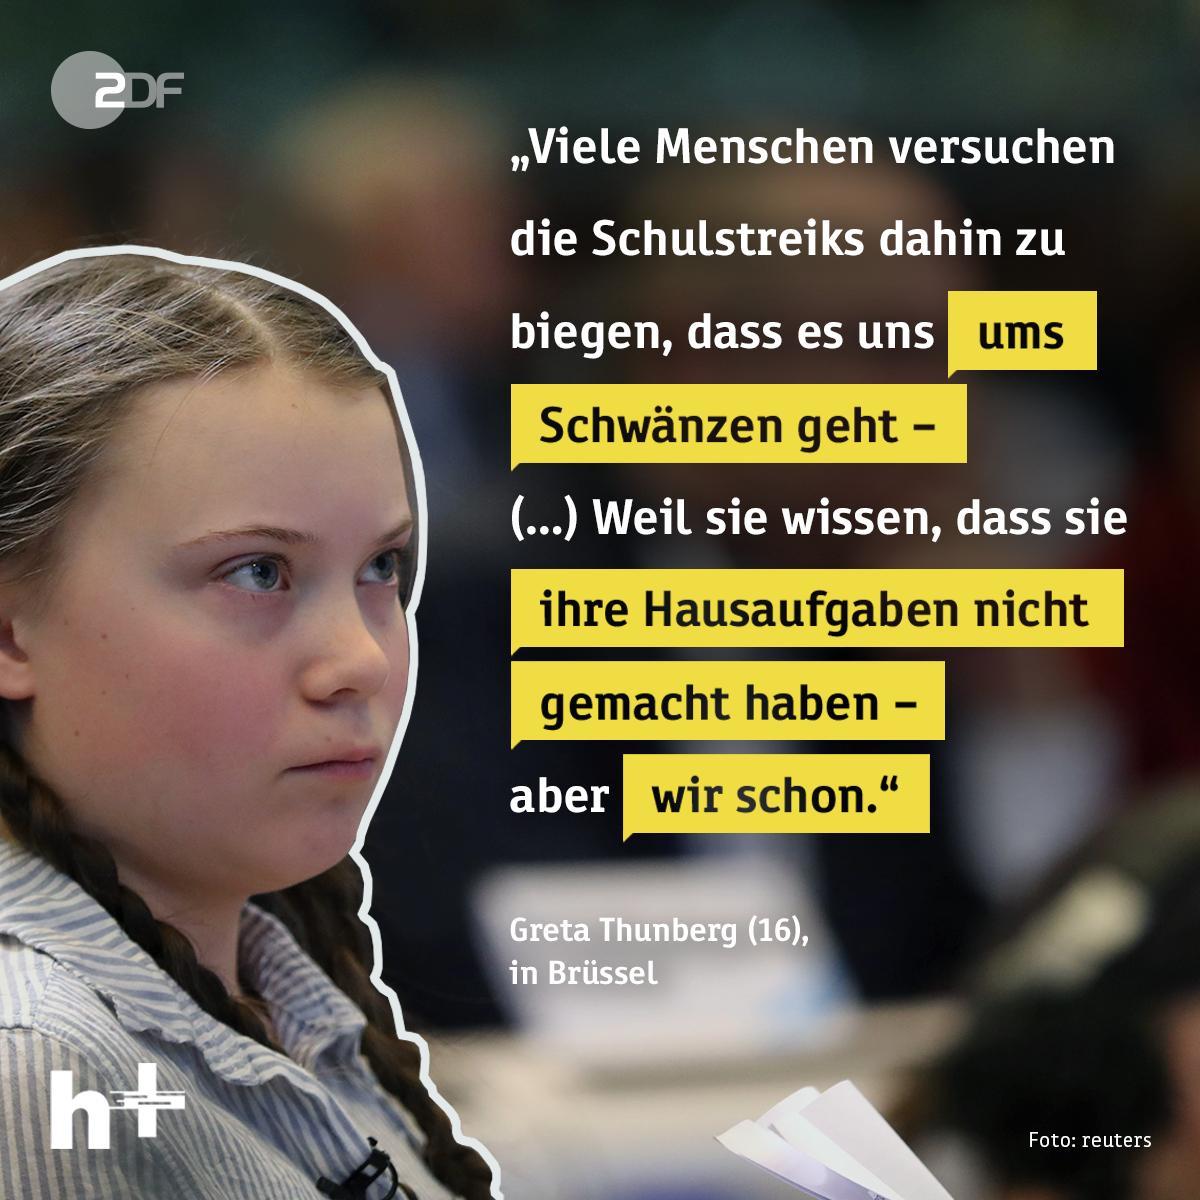 Woher kommt der Hass im Netz gegen #fridaysforfuture? Gleich um 20.30 Uhr sprechen wir live mit @Luisamneubauer - auch über @GretaThunberg 👇